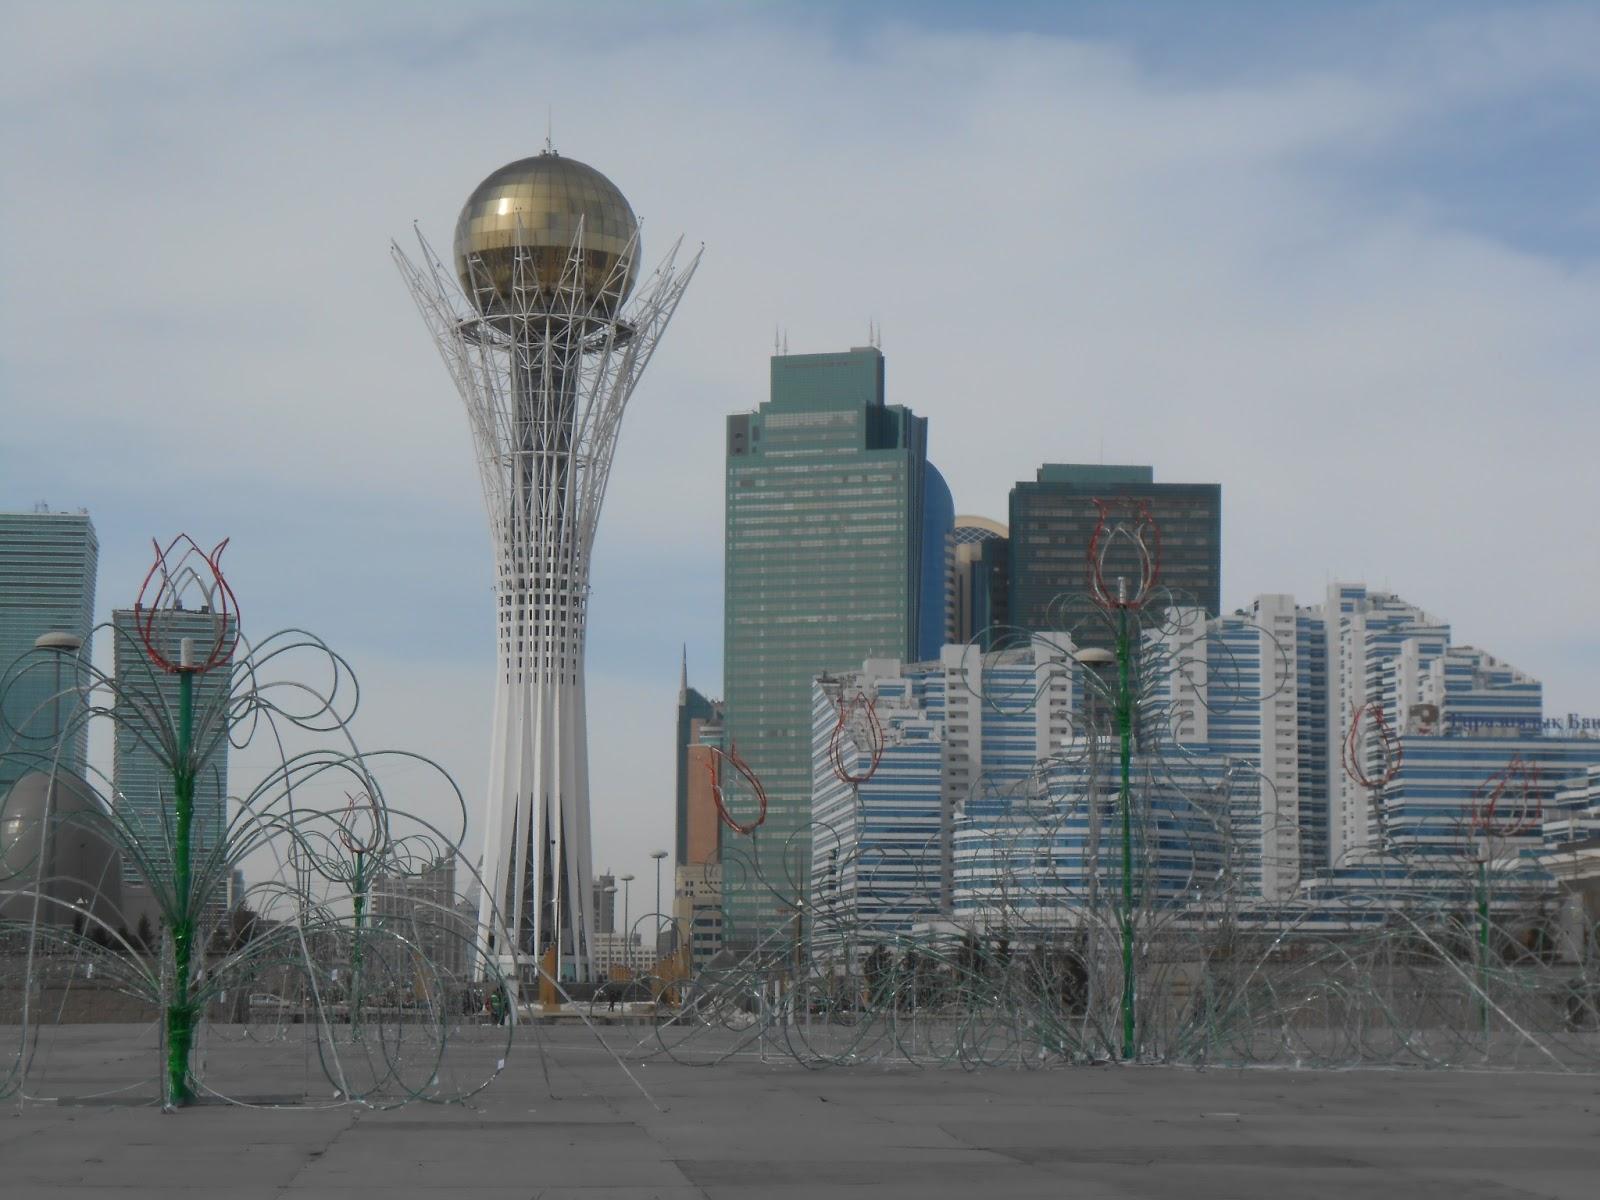 Astana Baiterek at Nauruz